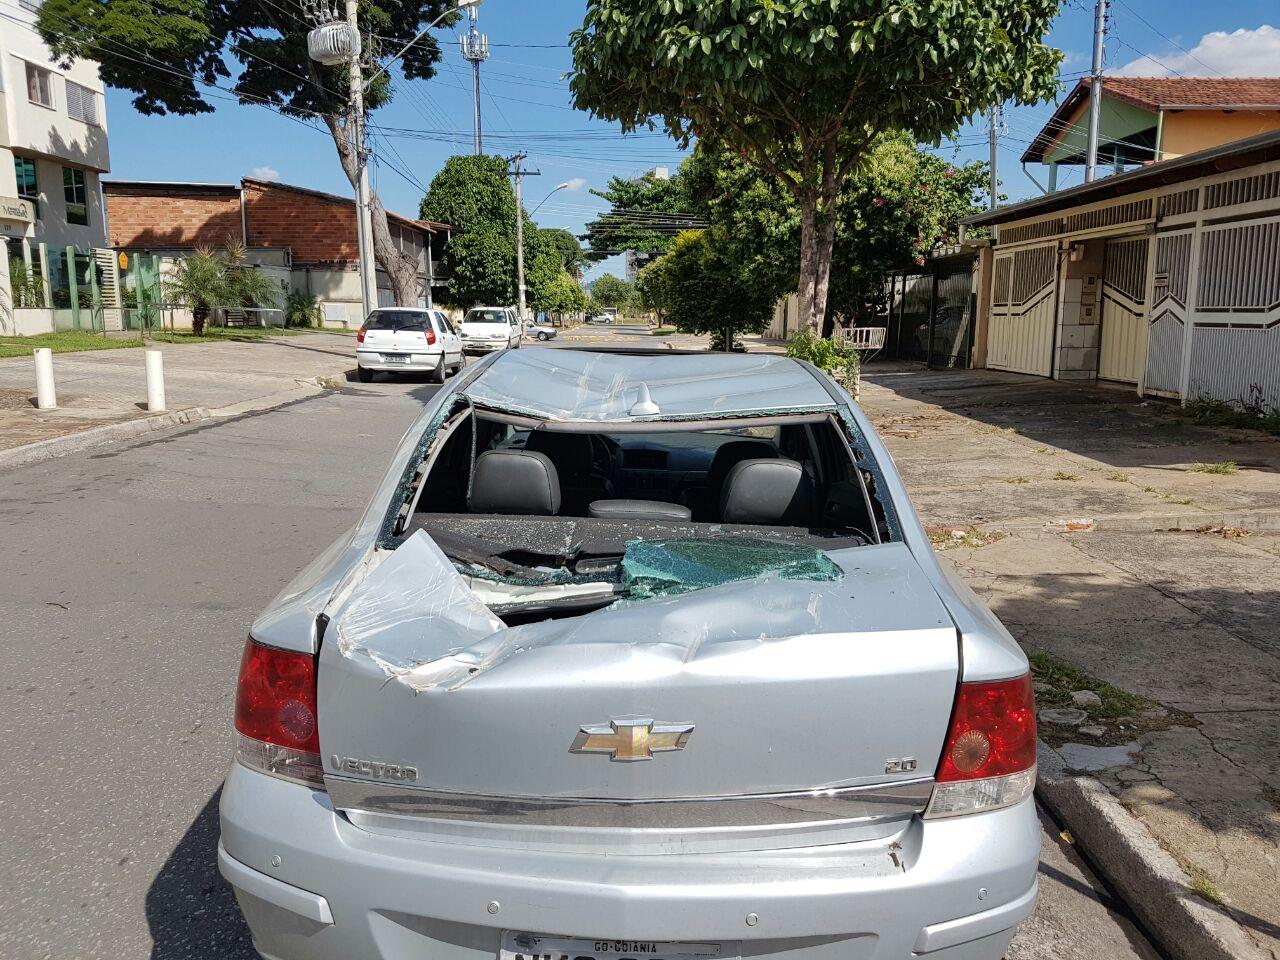 Veículo ficou destruído após queda de árvore no Jardim América | Foto: Guilherme Coelho